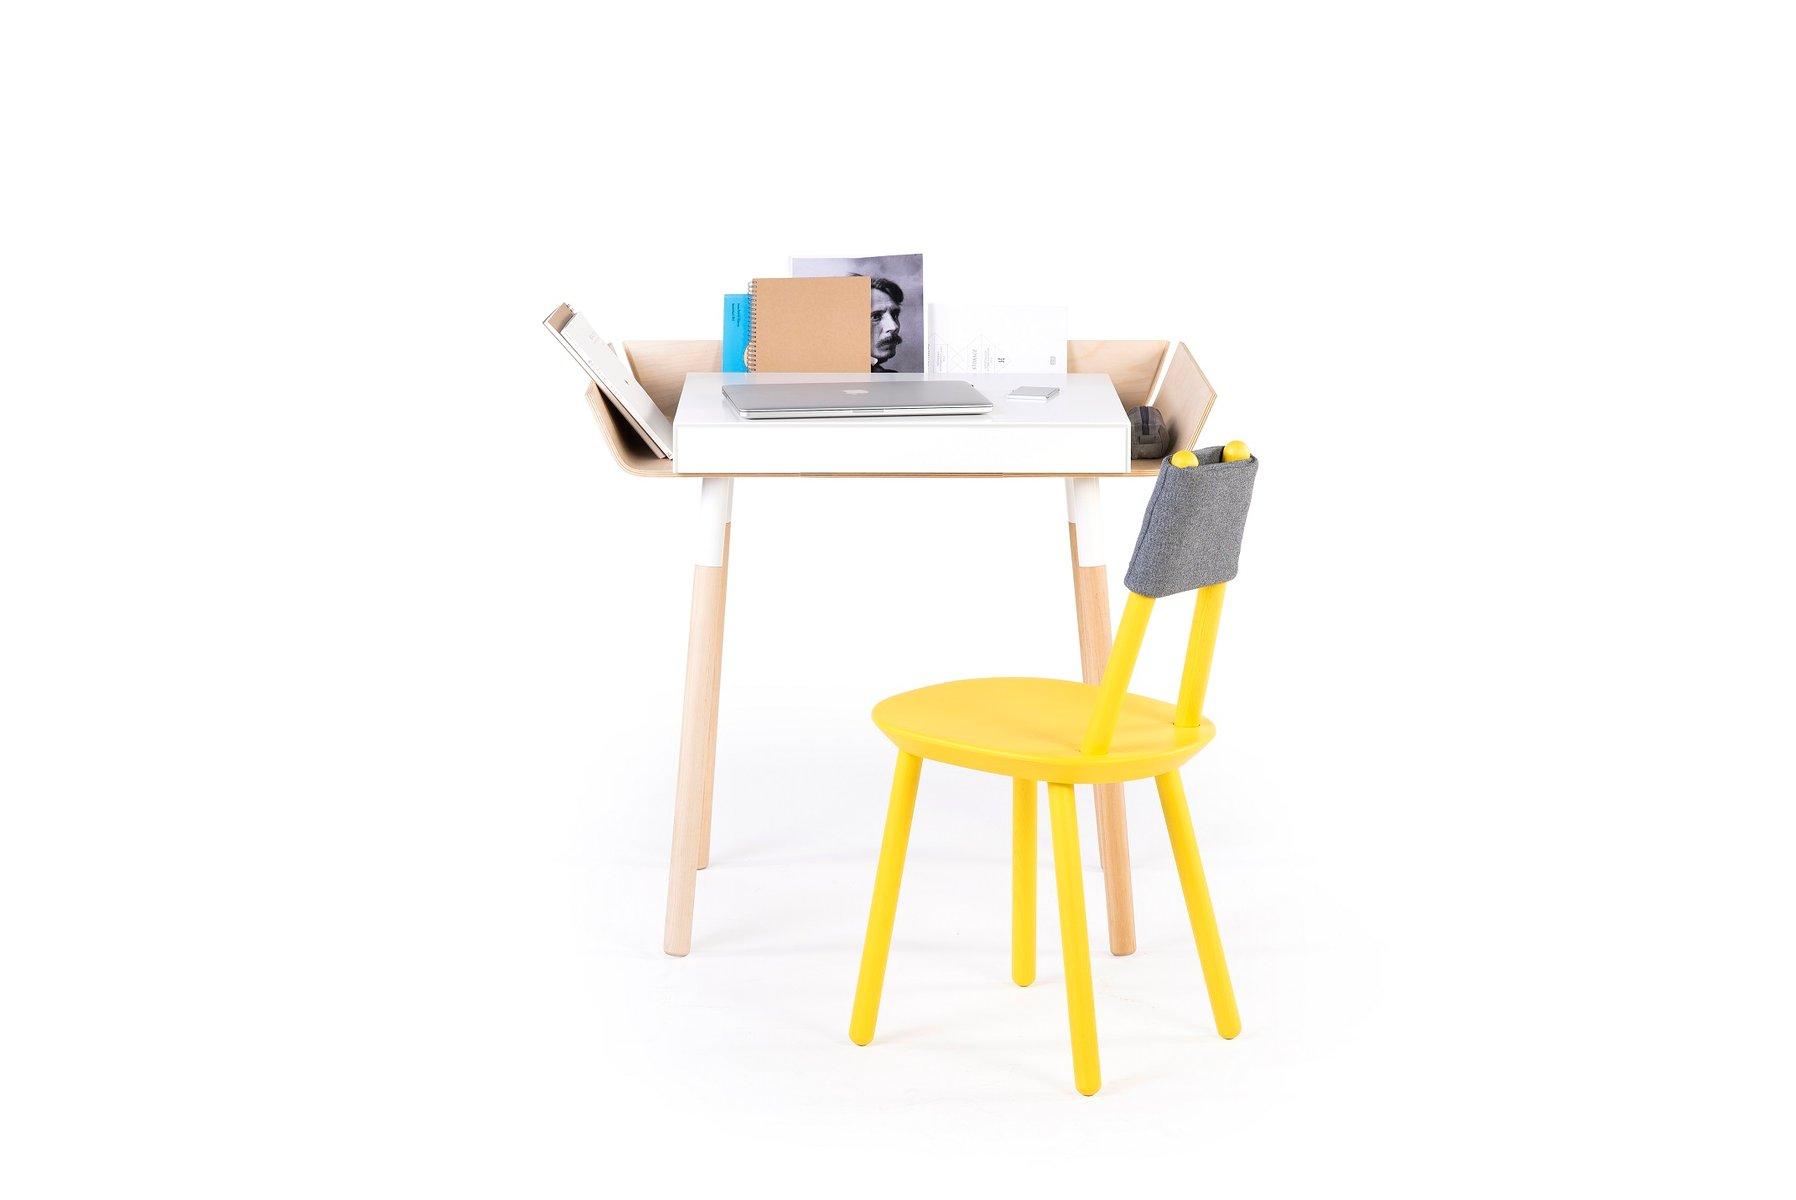 kleiner wei er my writing schreibtisch in birkenholz von f r emko bei pamono kaufen. Black Bedroom Furniture Sets. Home Design Ideas